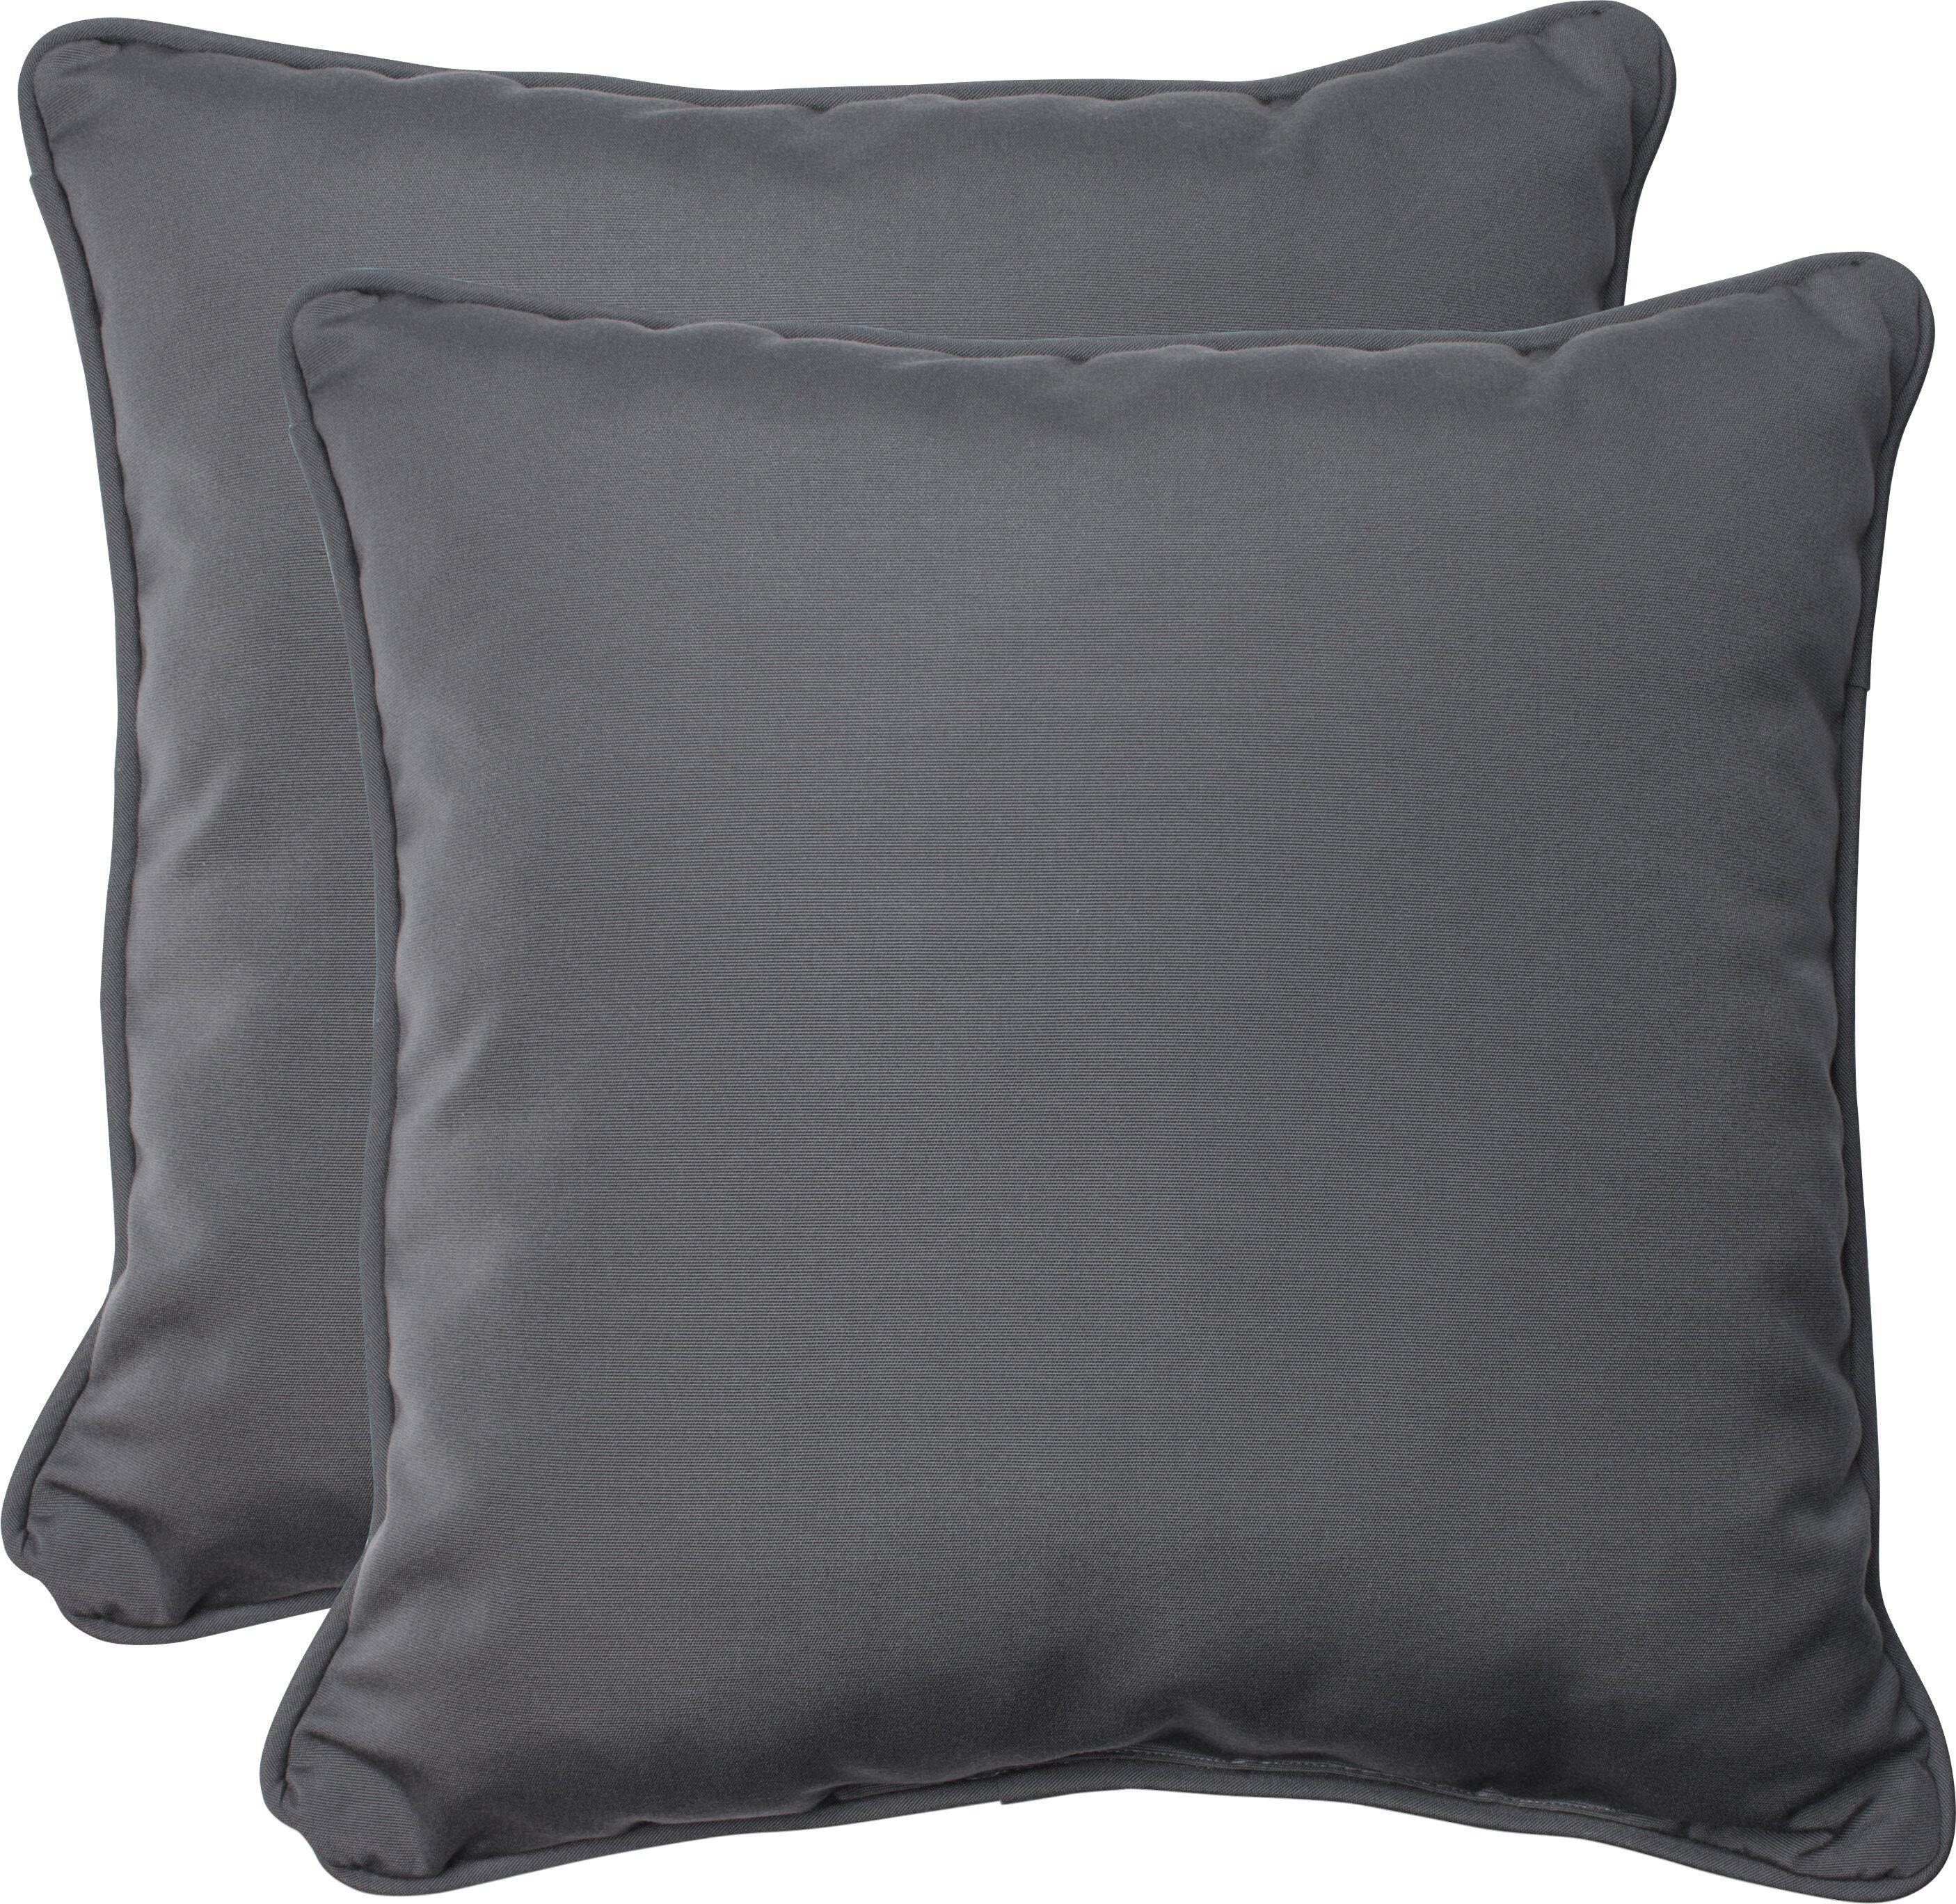 Pillow Perfect Indoor/Outdoor Sunbrella Throw Pillow U0026 Reviews | Wayfair